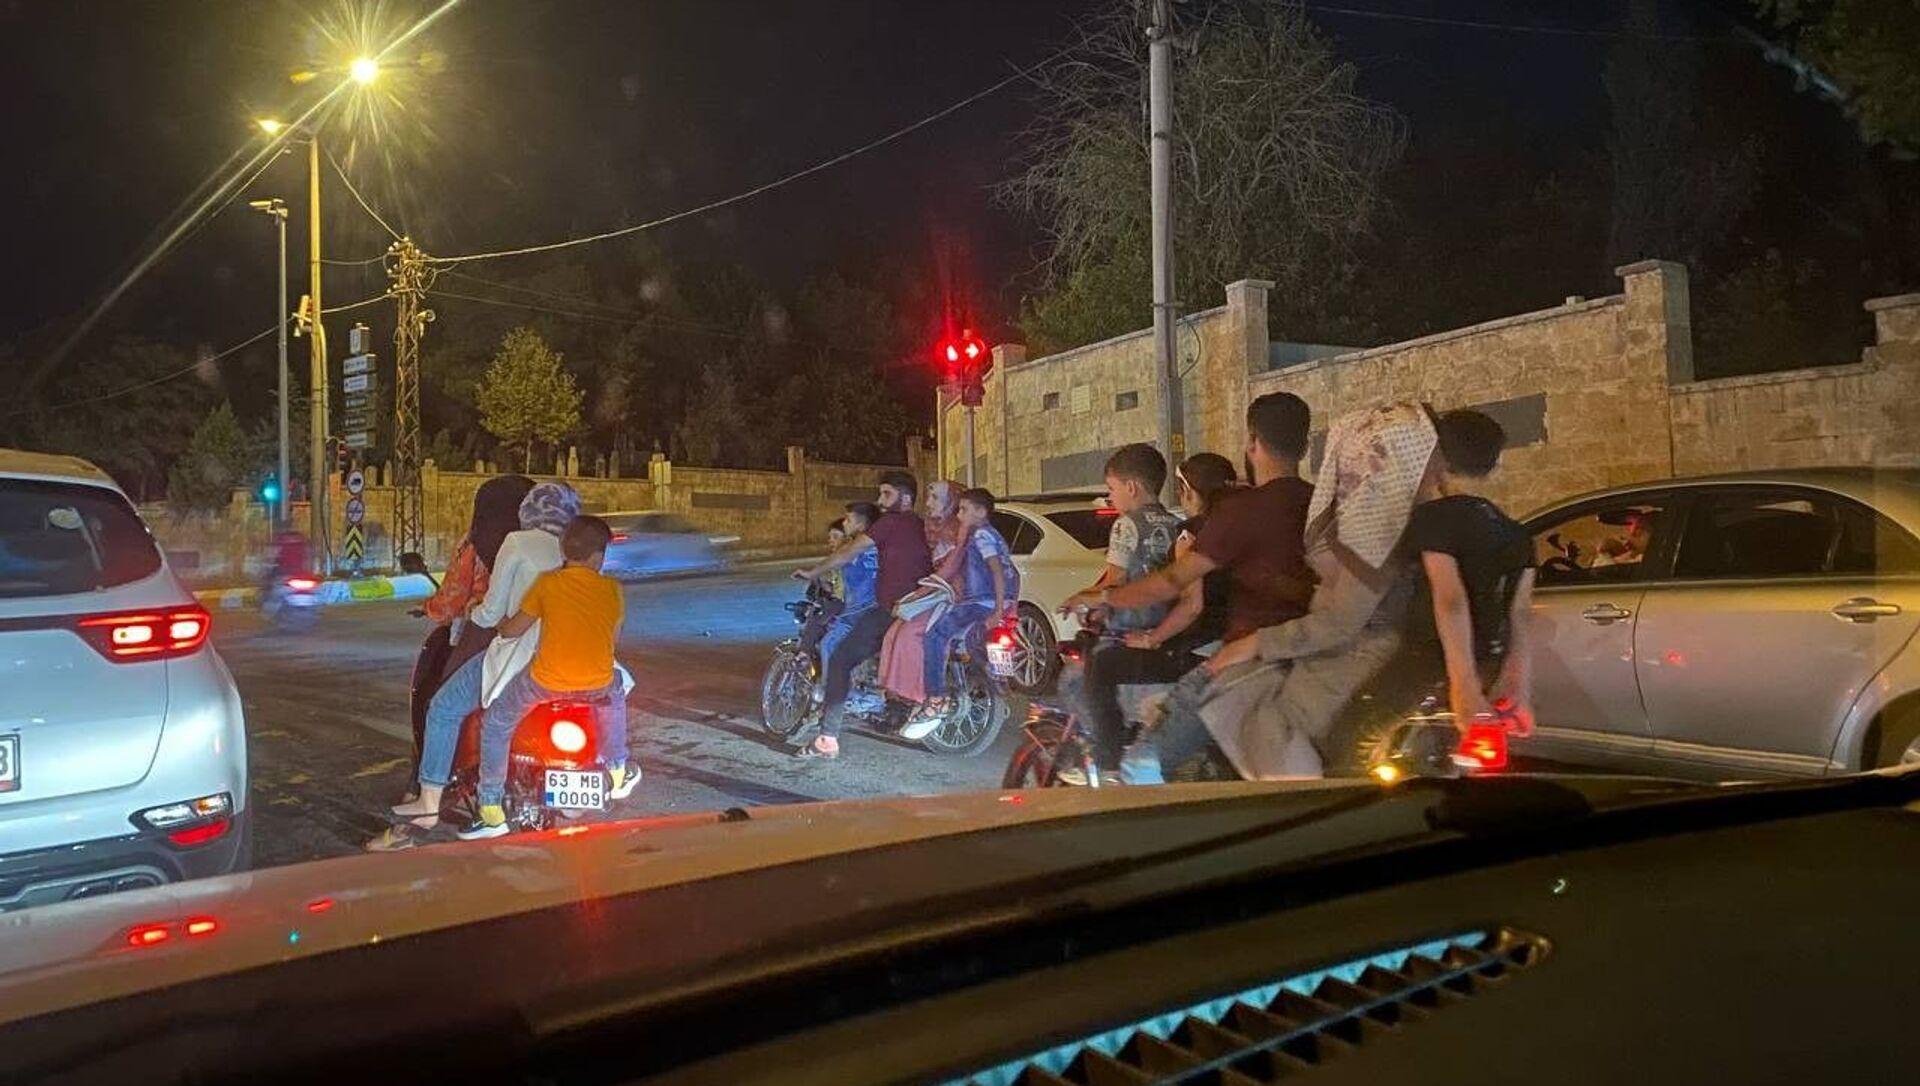 Şanlıurfa'da 3 motosiklette 15 kişi - Sputnik Türkiye, 1920, 23.07.2021